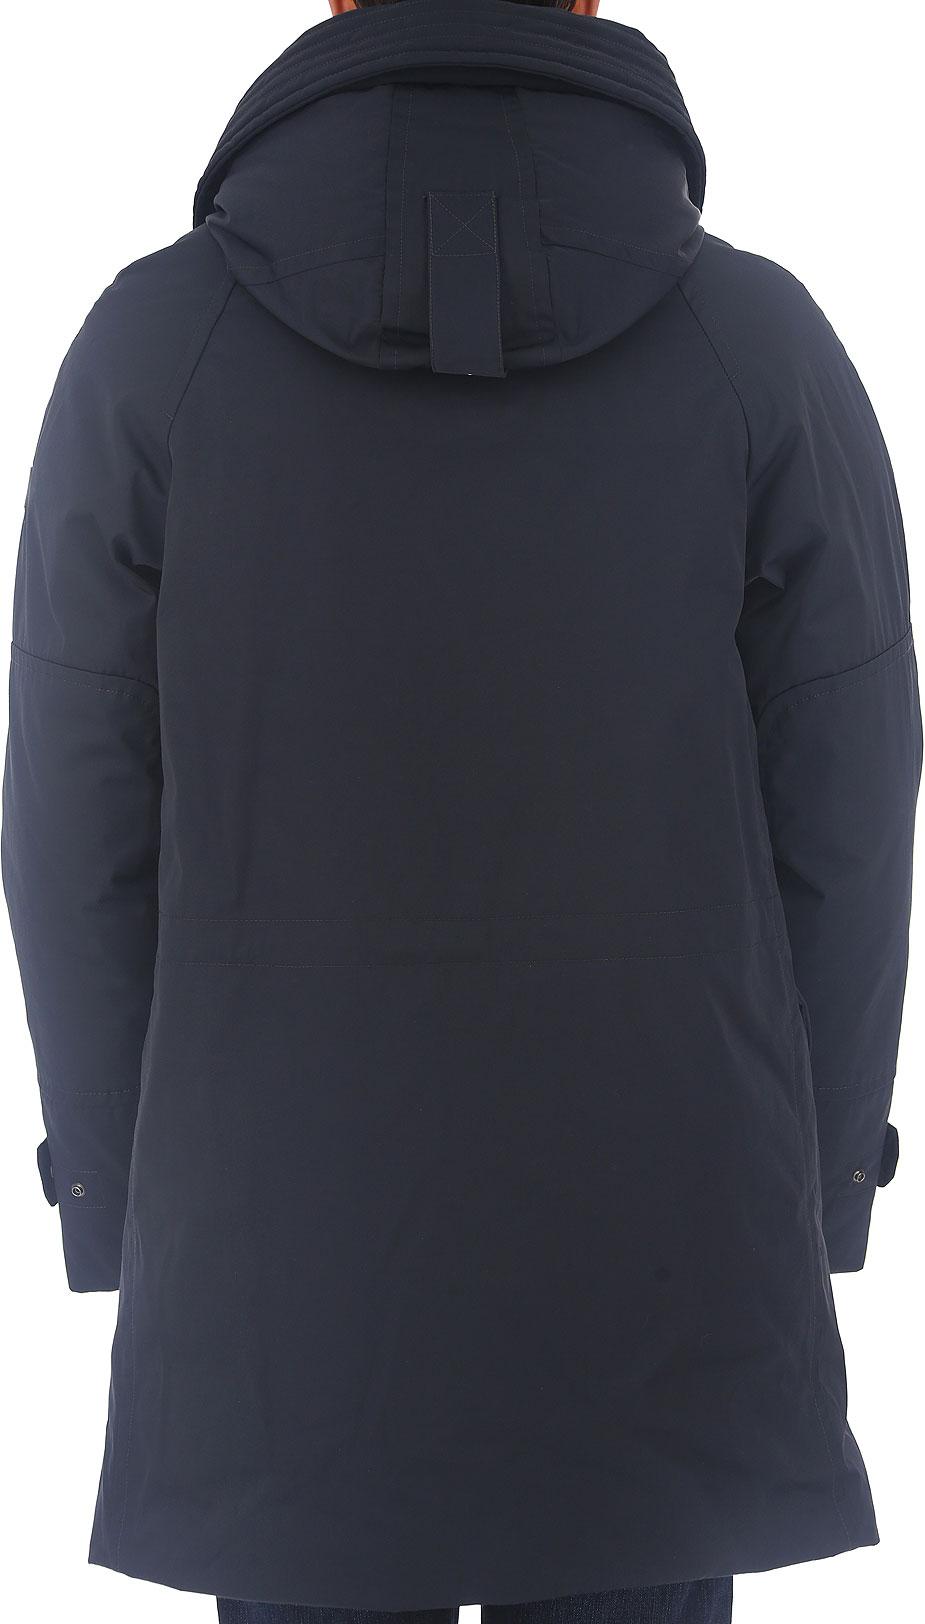 Abbigliamento Codice Uomo 01191342 Peuterey Abbigliamento Uomo Articolo 215 Codice Peuterey 2592 rCSrwfq